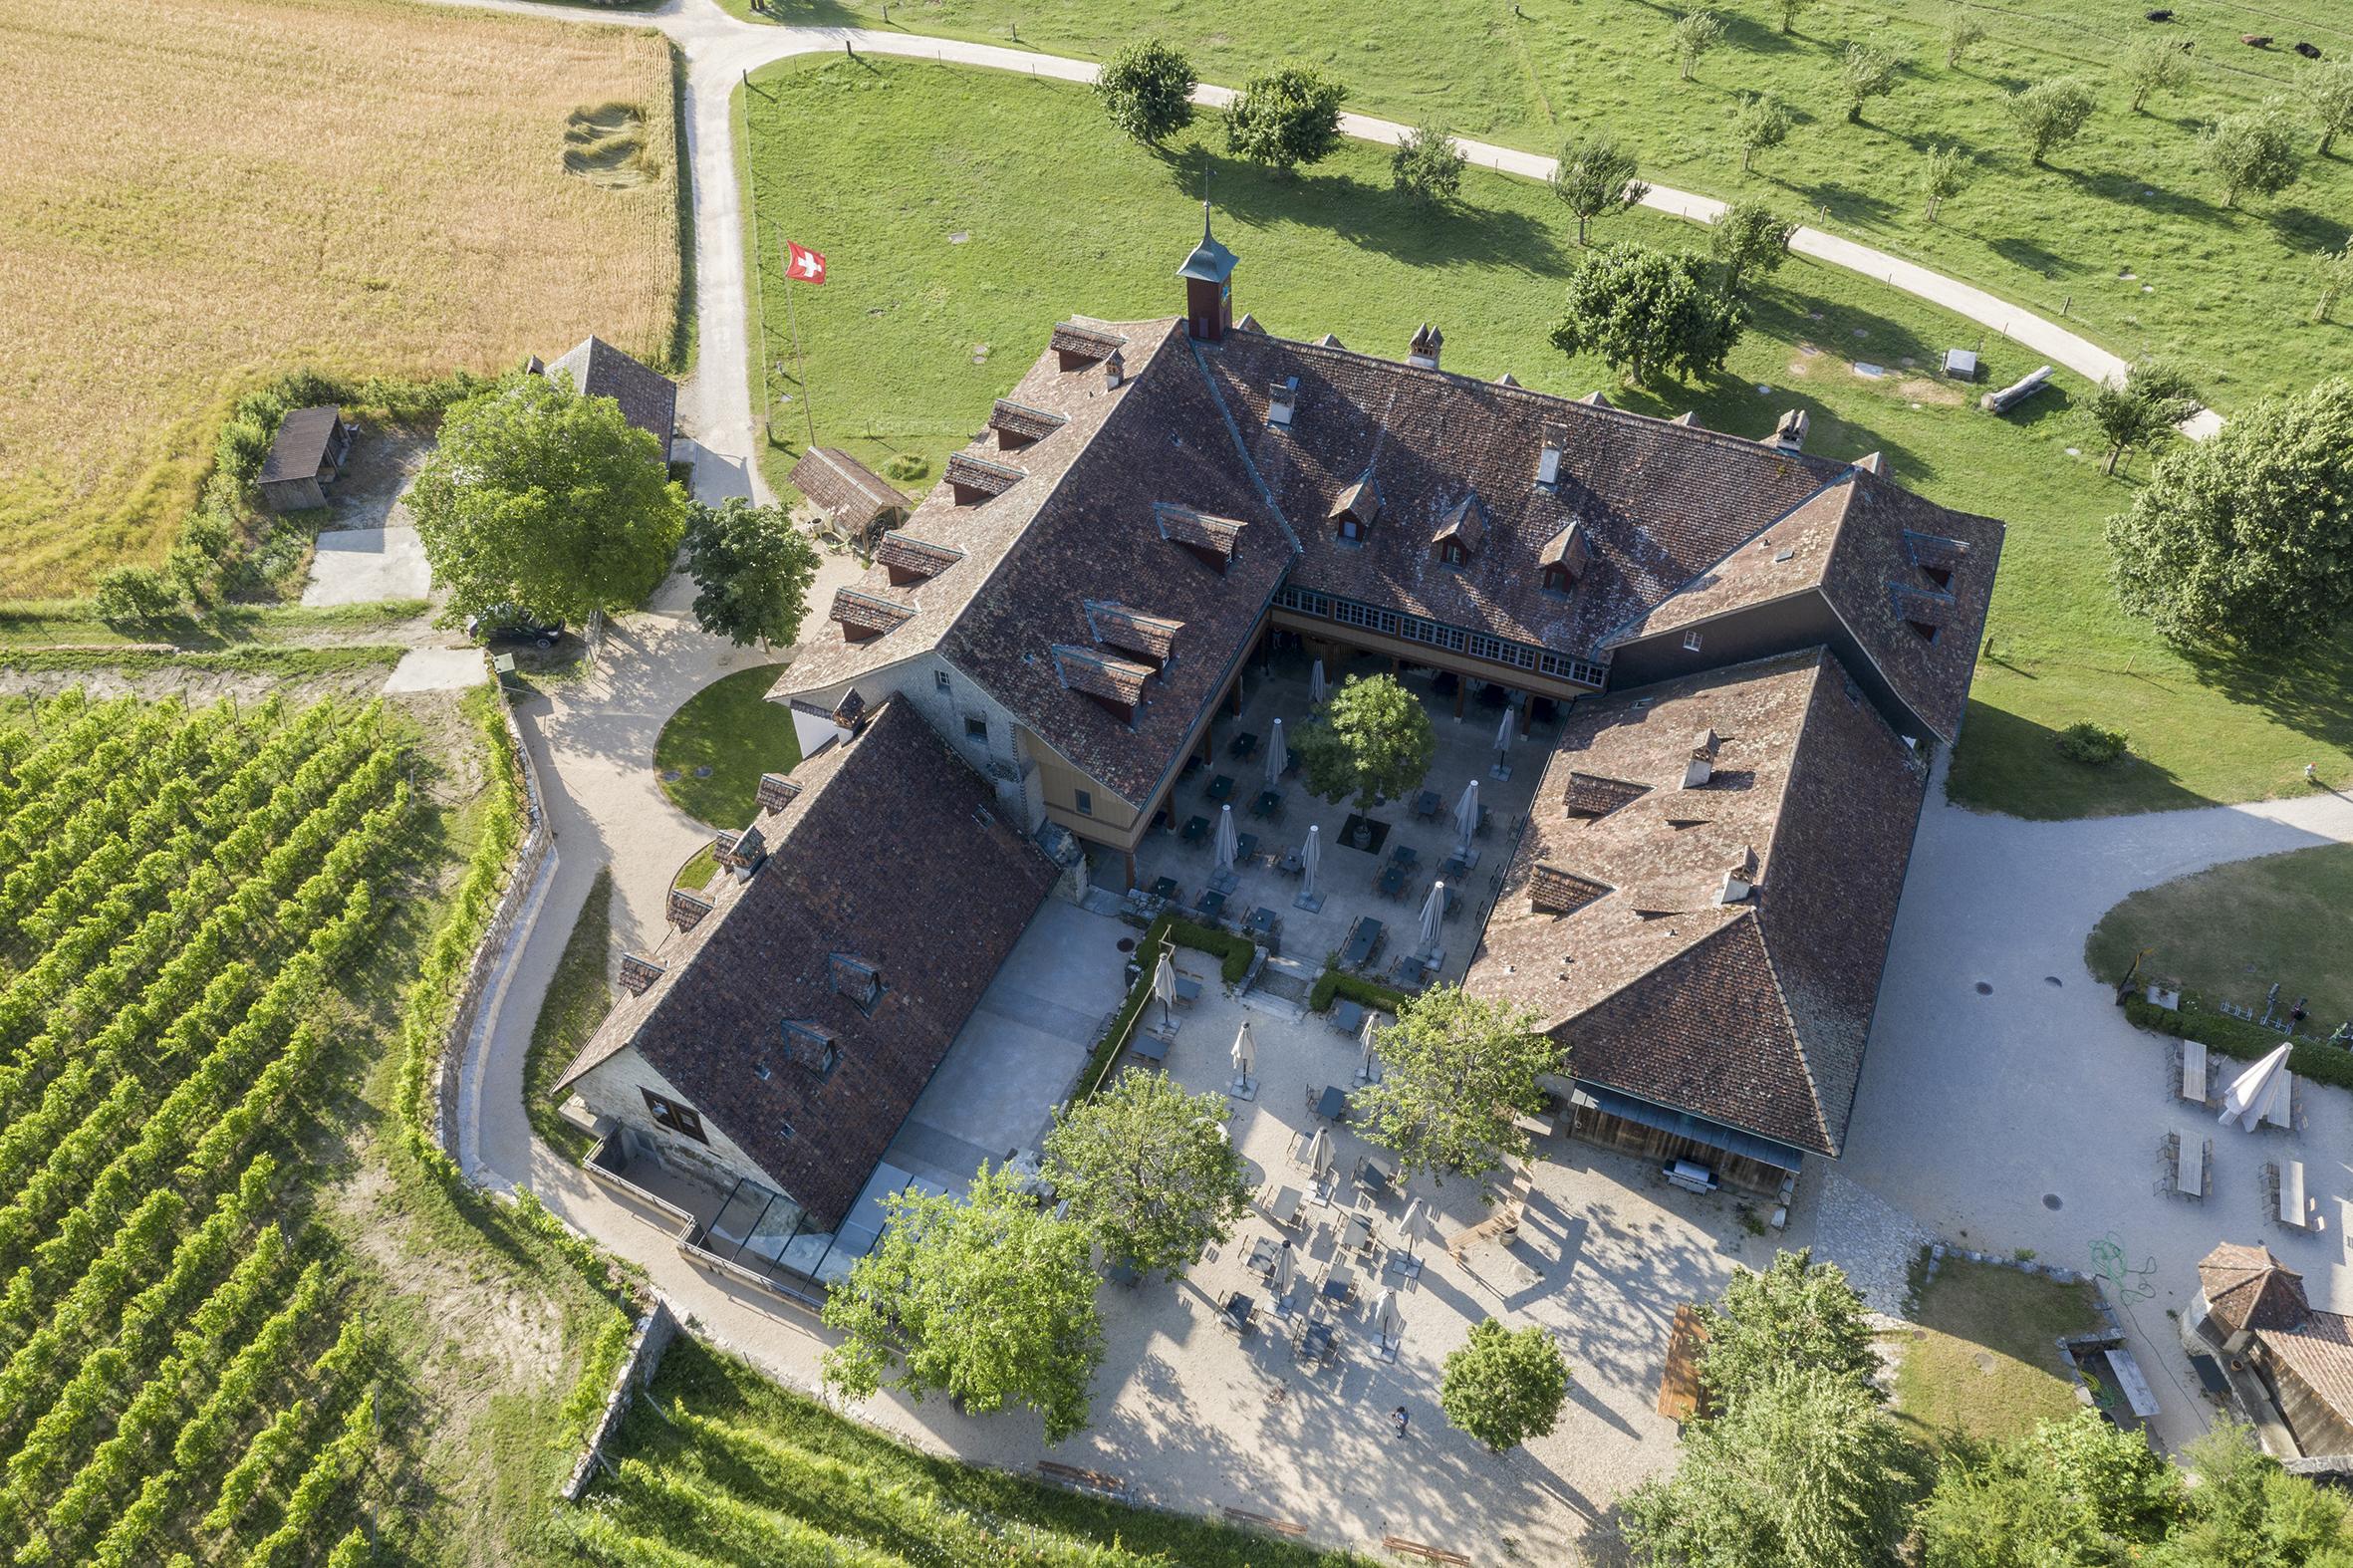 Rund um den Konventstrakt des ehemaligen Klosters wurde die archäologische Zone neu gestaltet (Foto Philippe Joner, archäolog.Dienst des Kantons Bern)